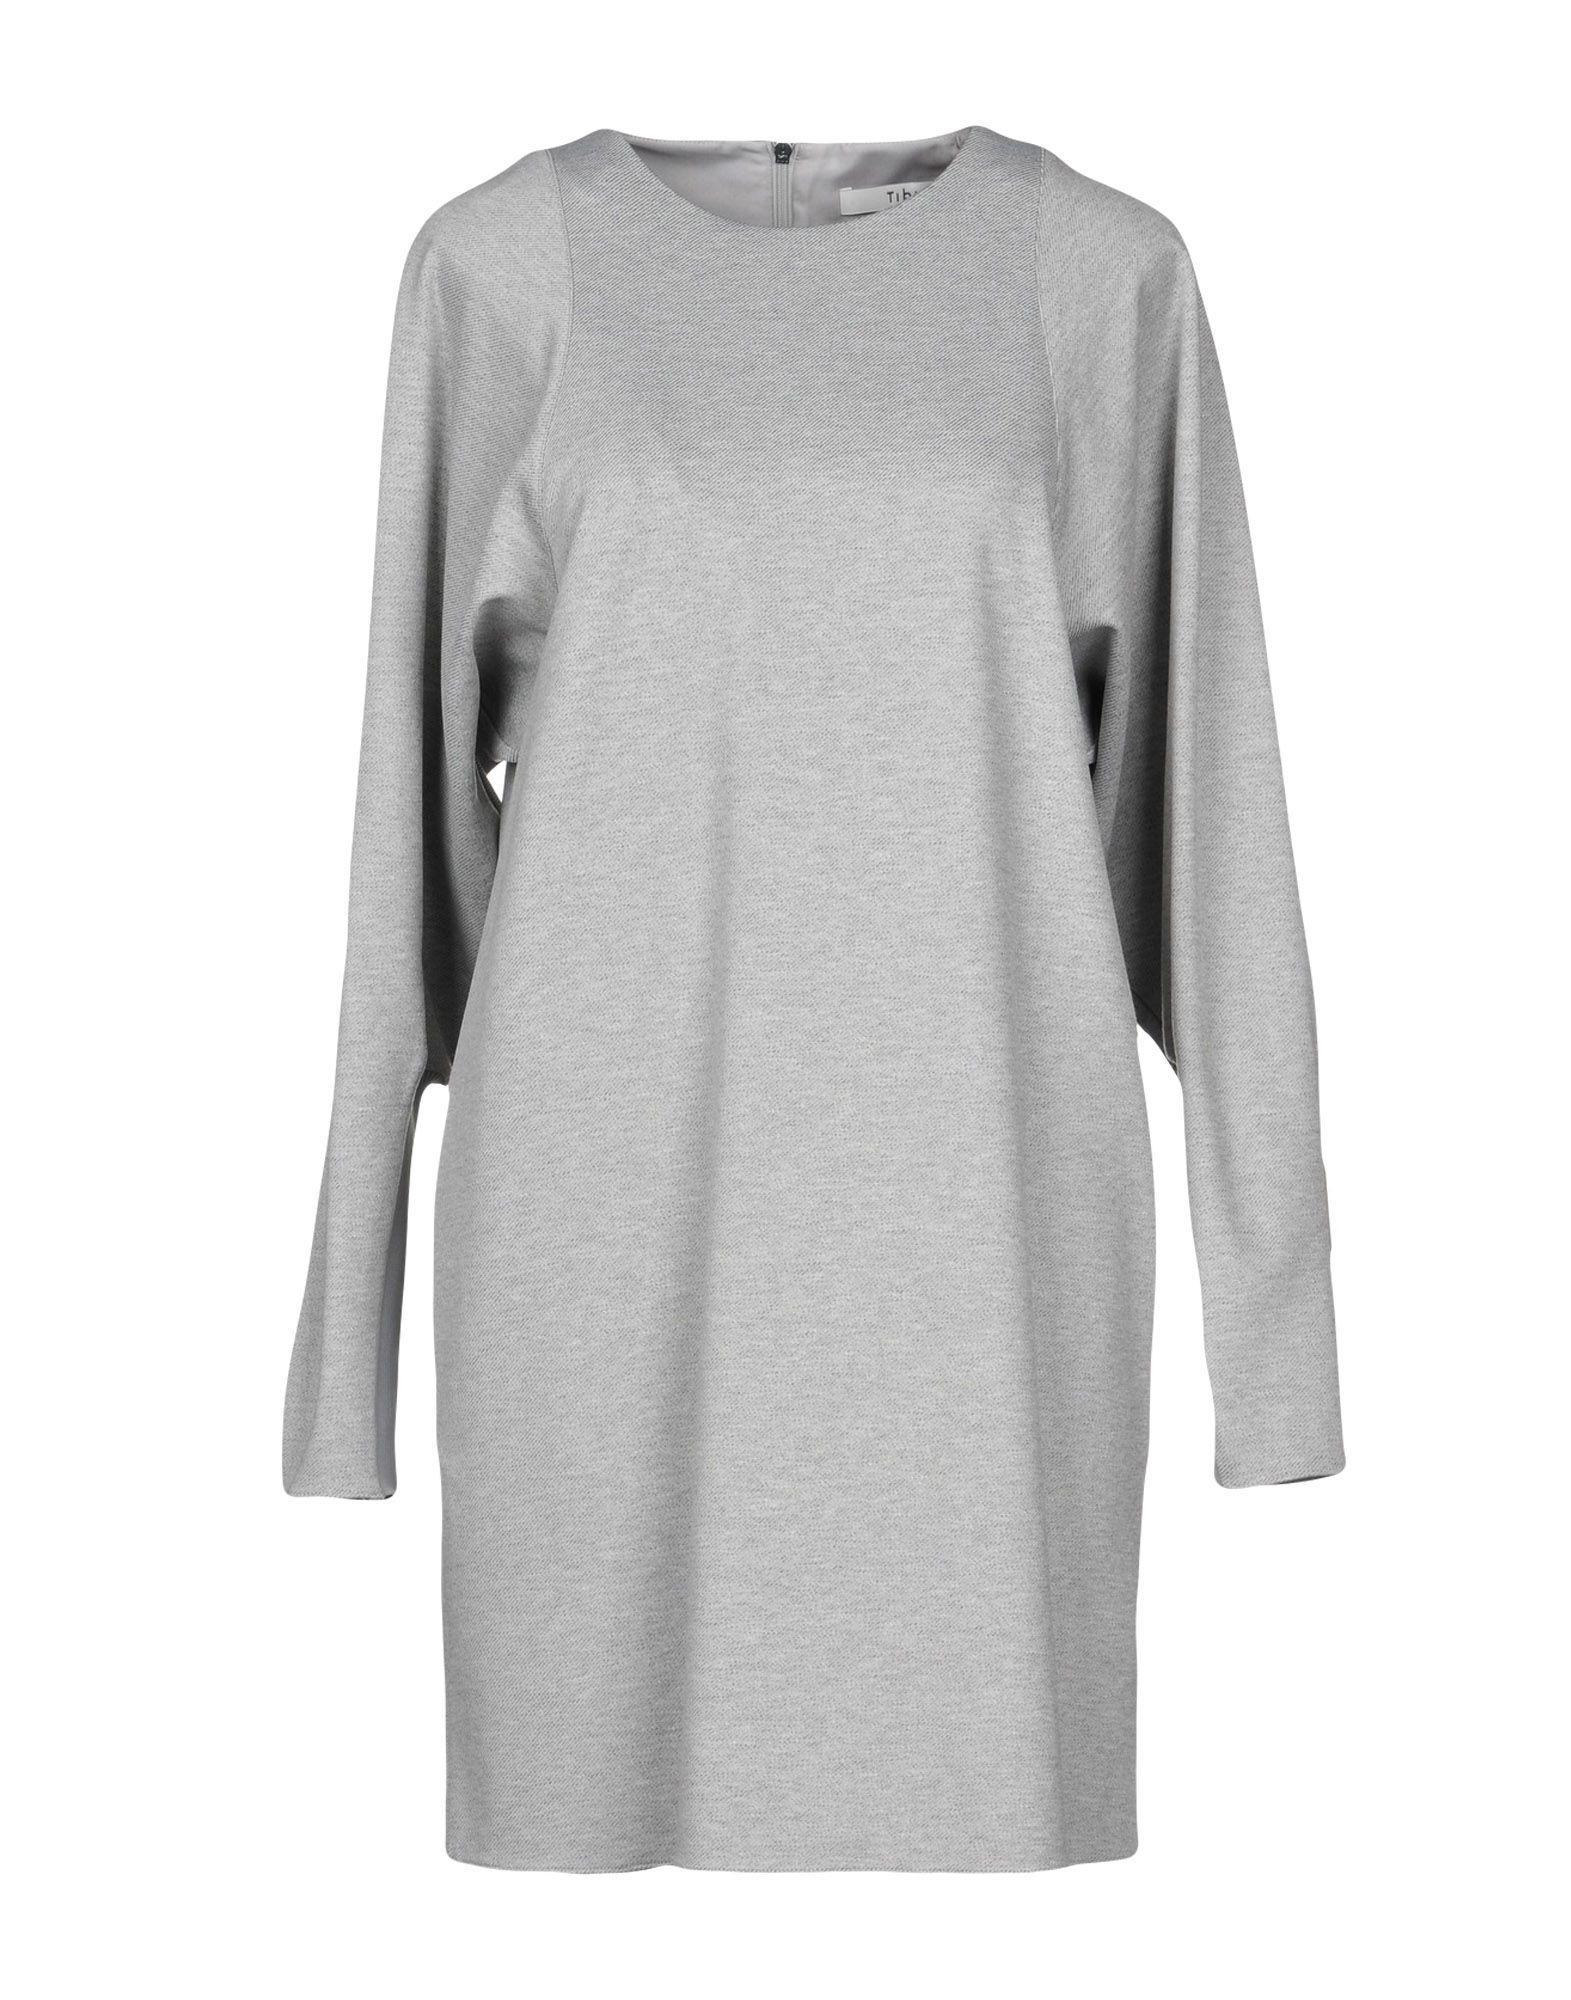 Tibi Short Dresses In Light Grey